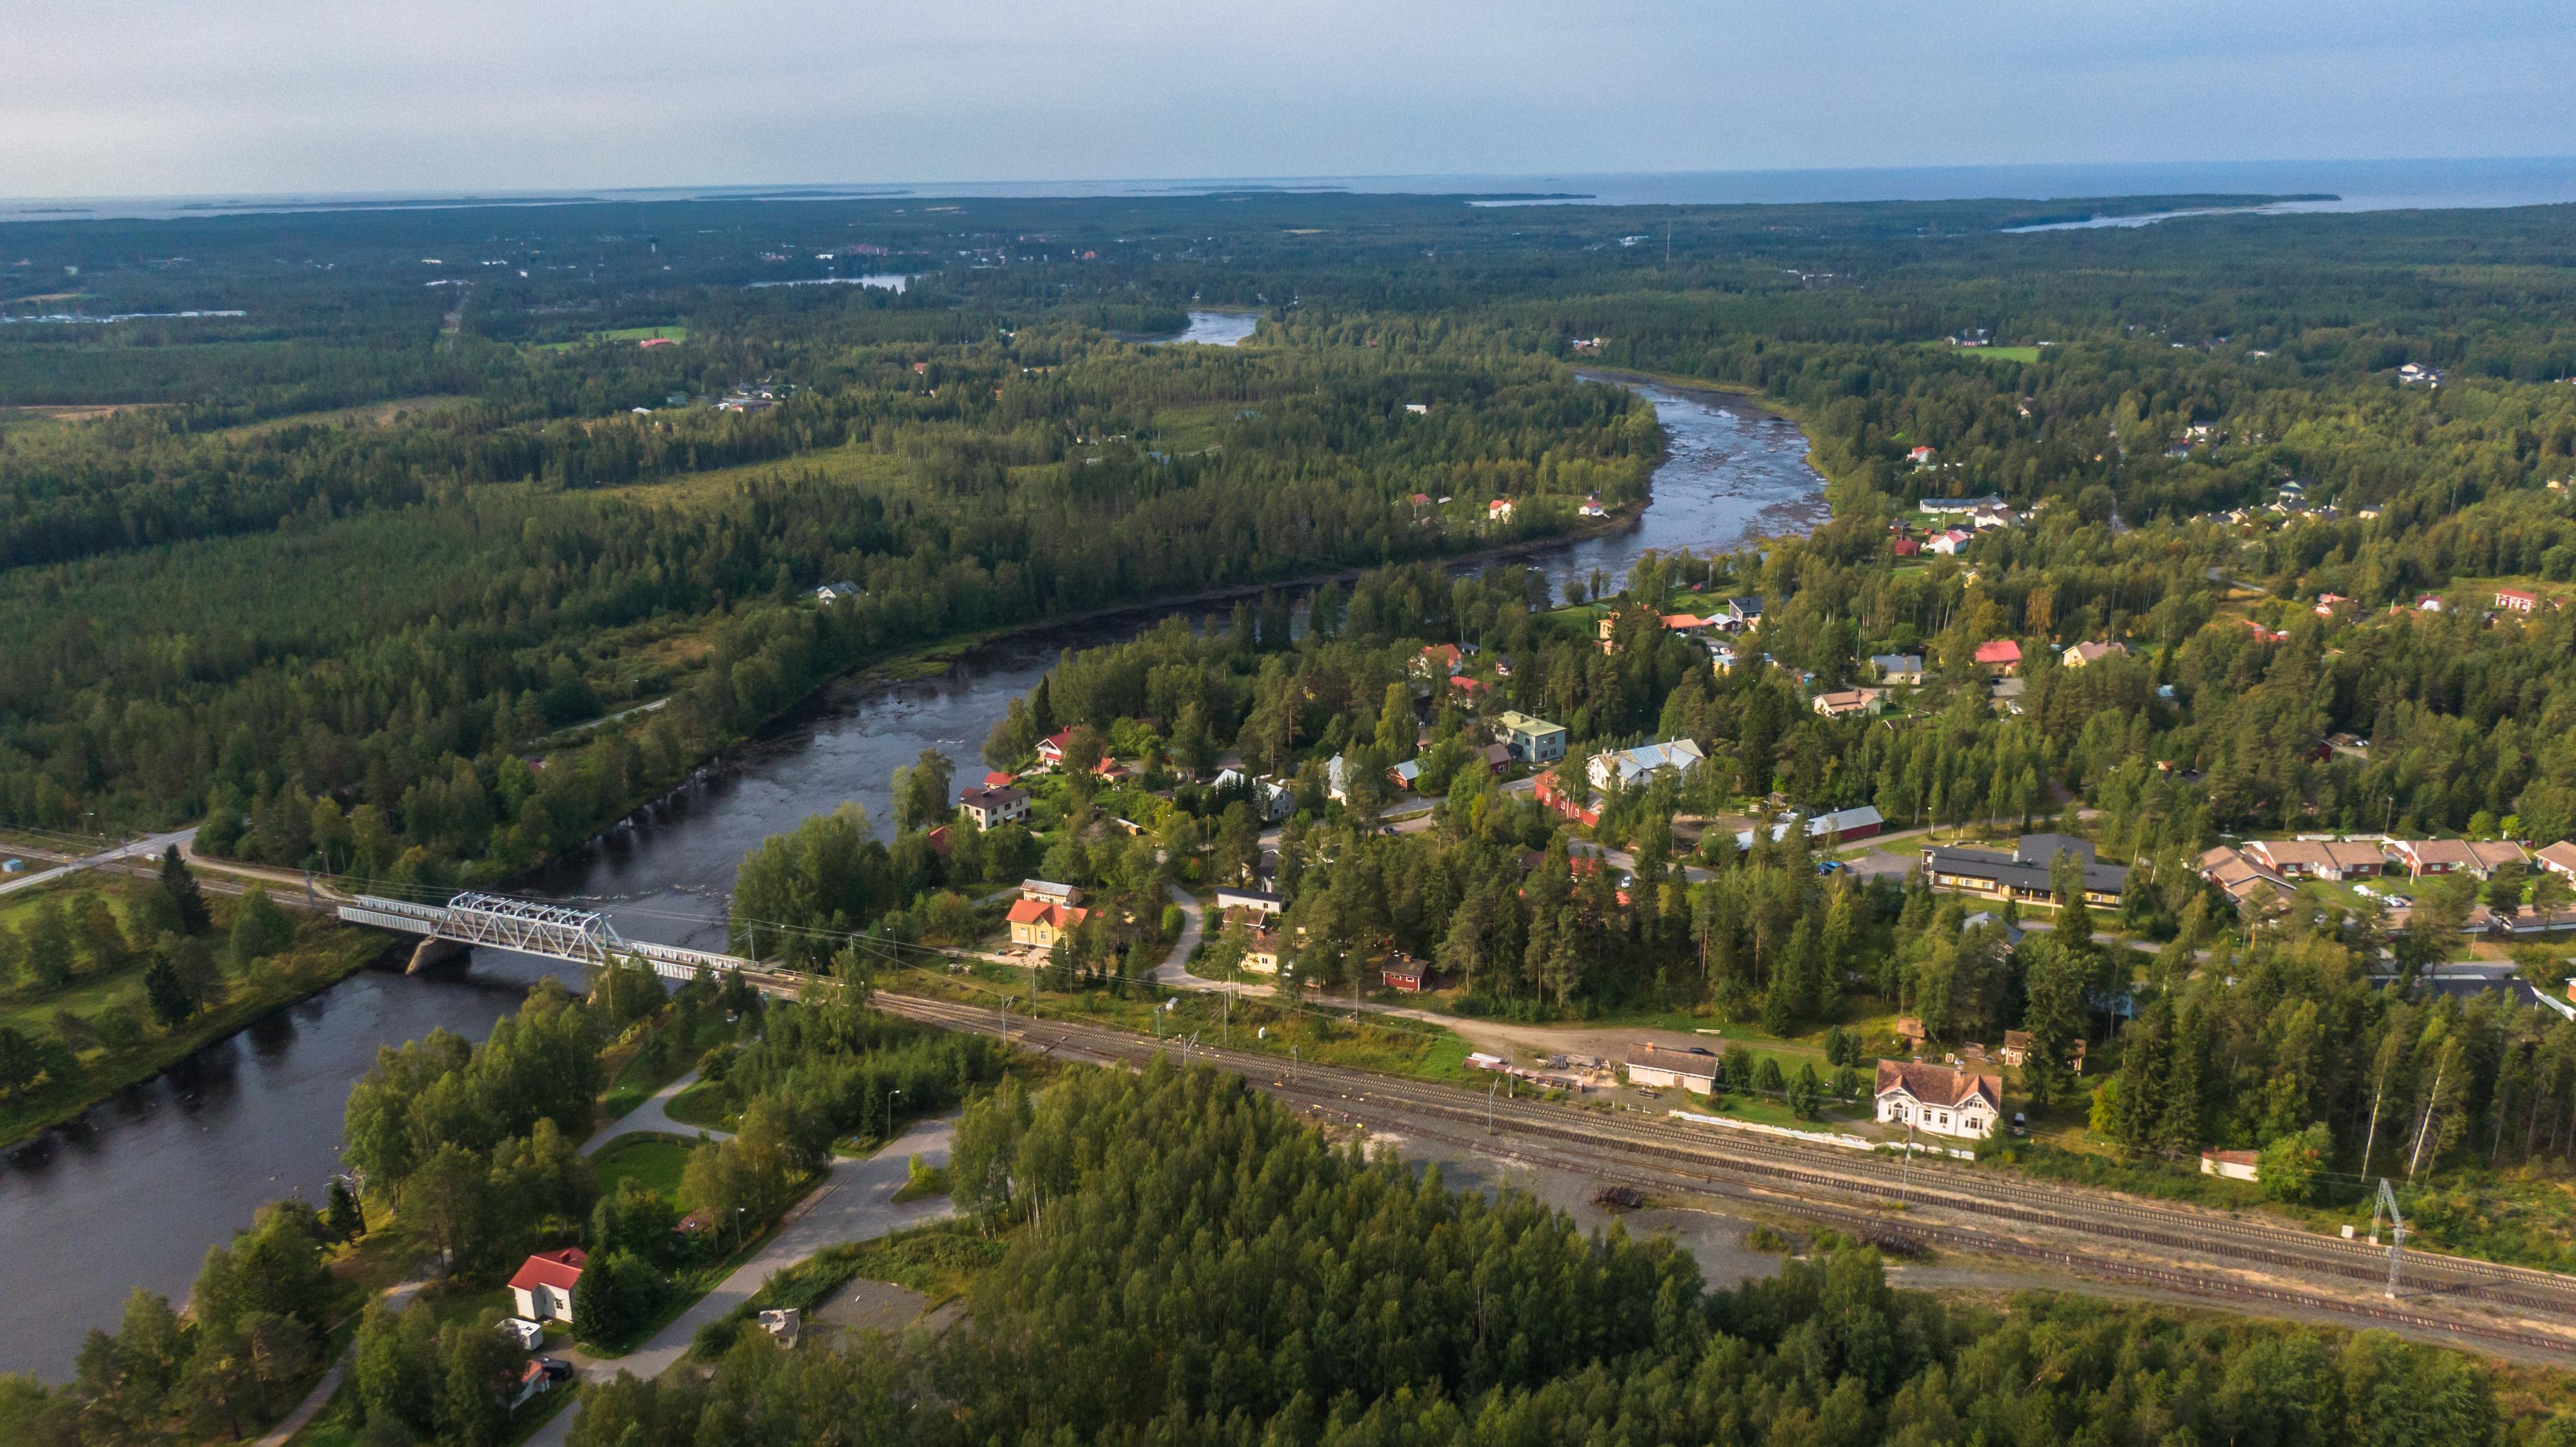 Dronen avulla otettu ilmakuva Haukiputaan Asemakylältä. Alkusyksyn maisemaa. Metsää ja jokiympäristöä.